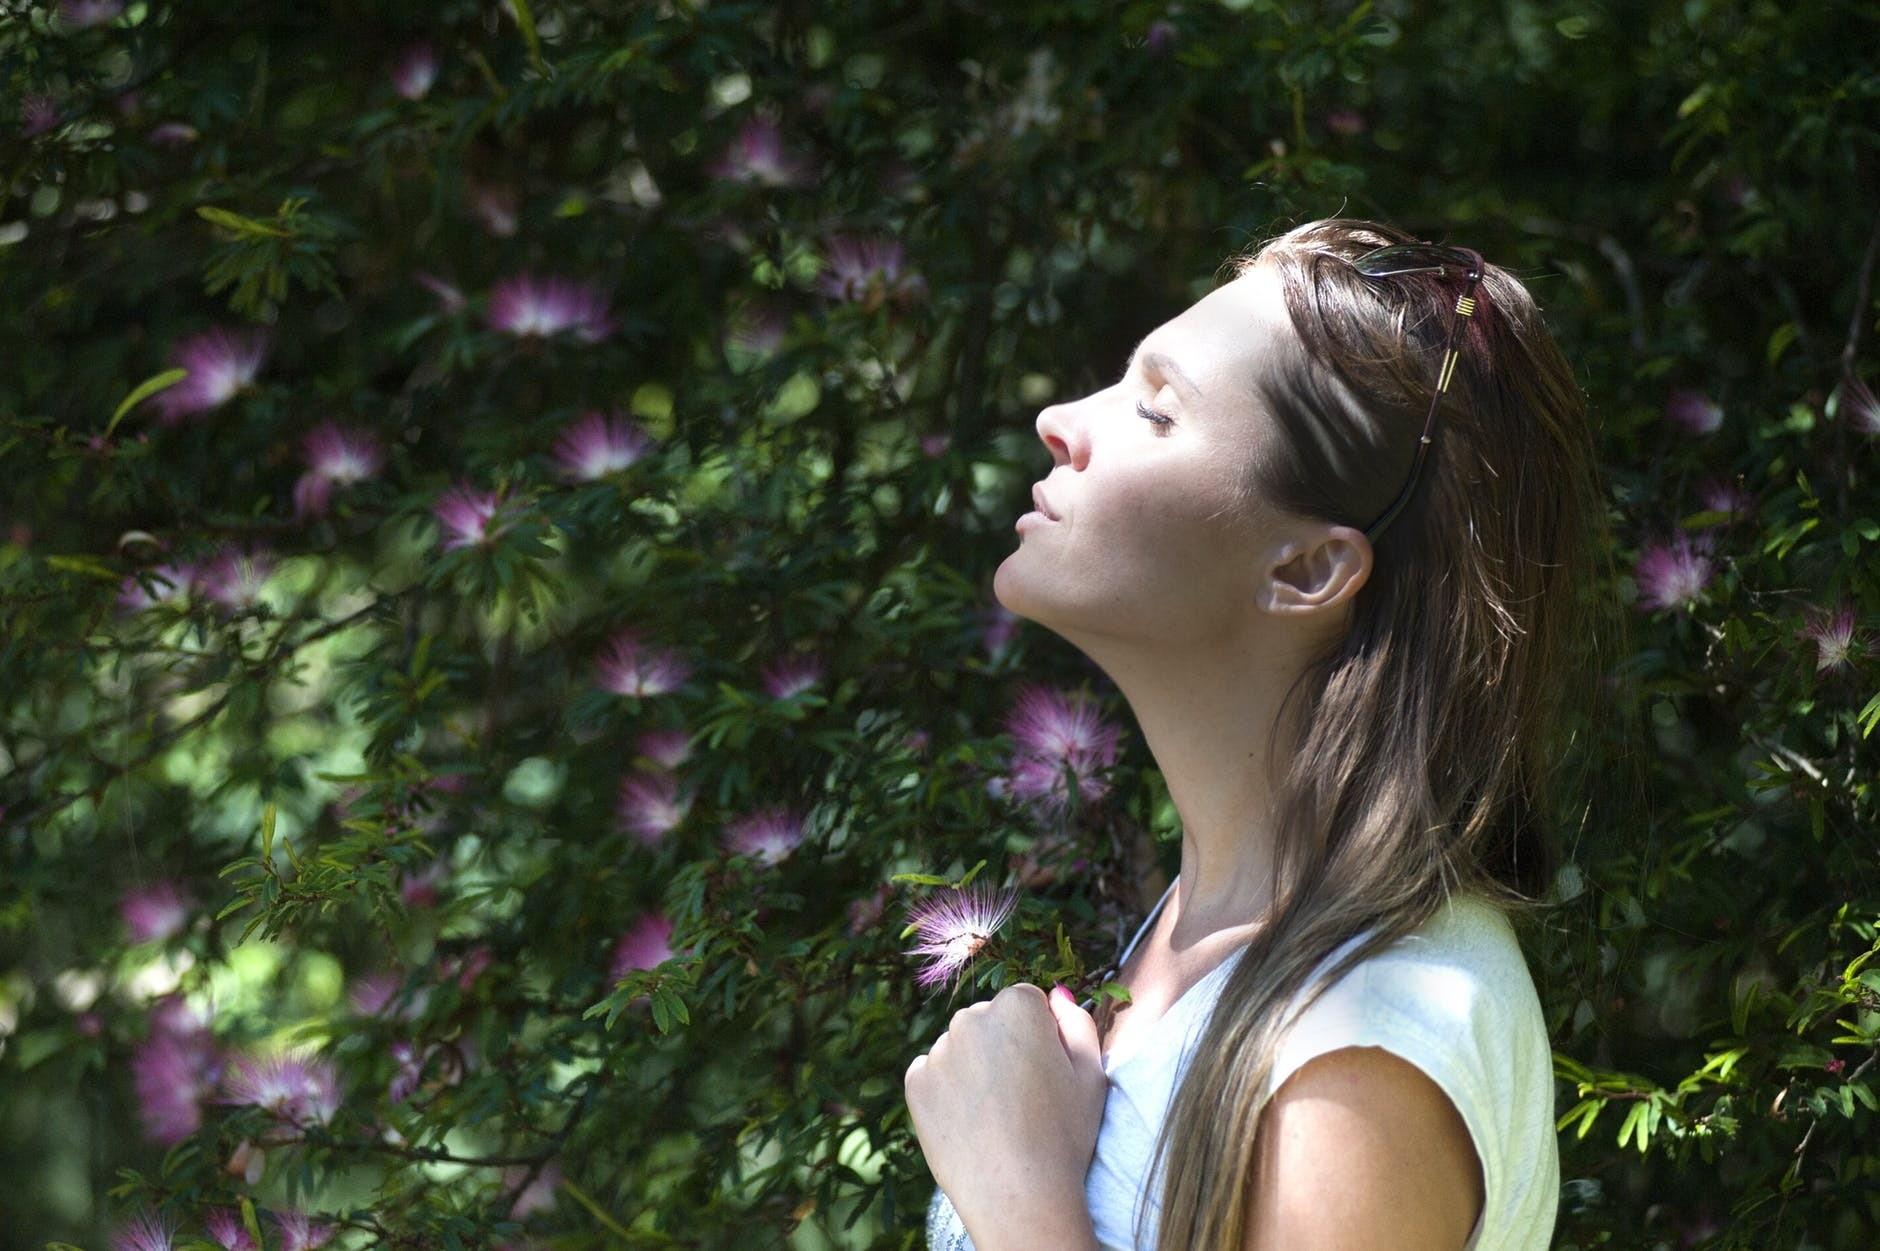 Почему медитация нужна каждому и как освоить ее самостоятельно: мнение экспертов